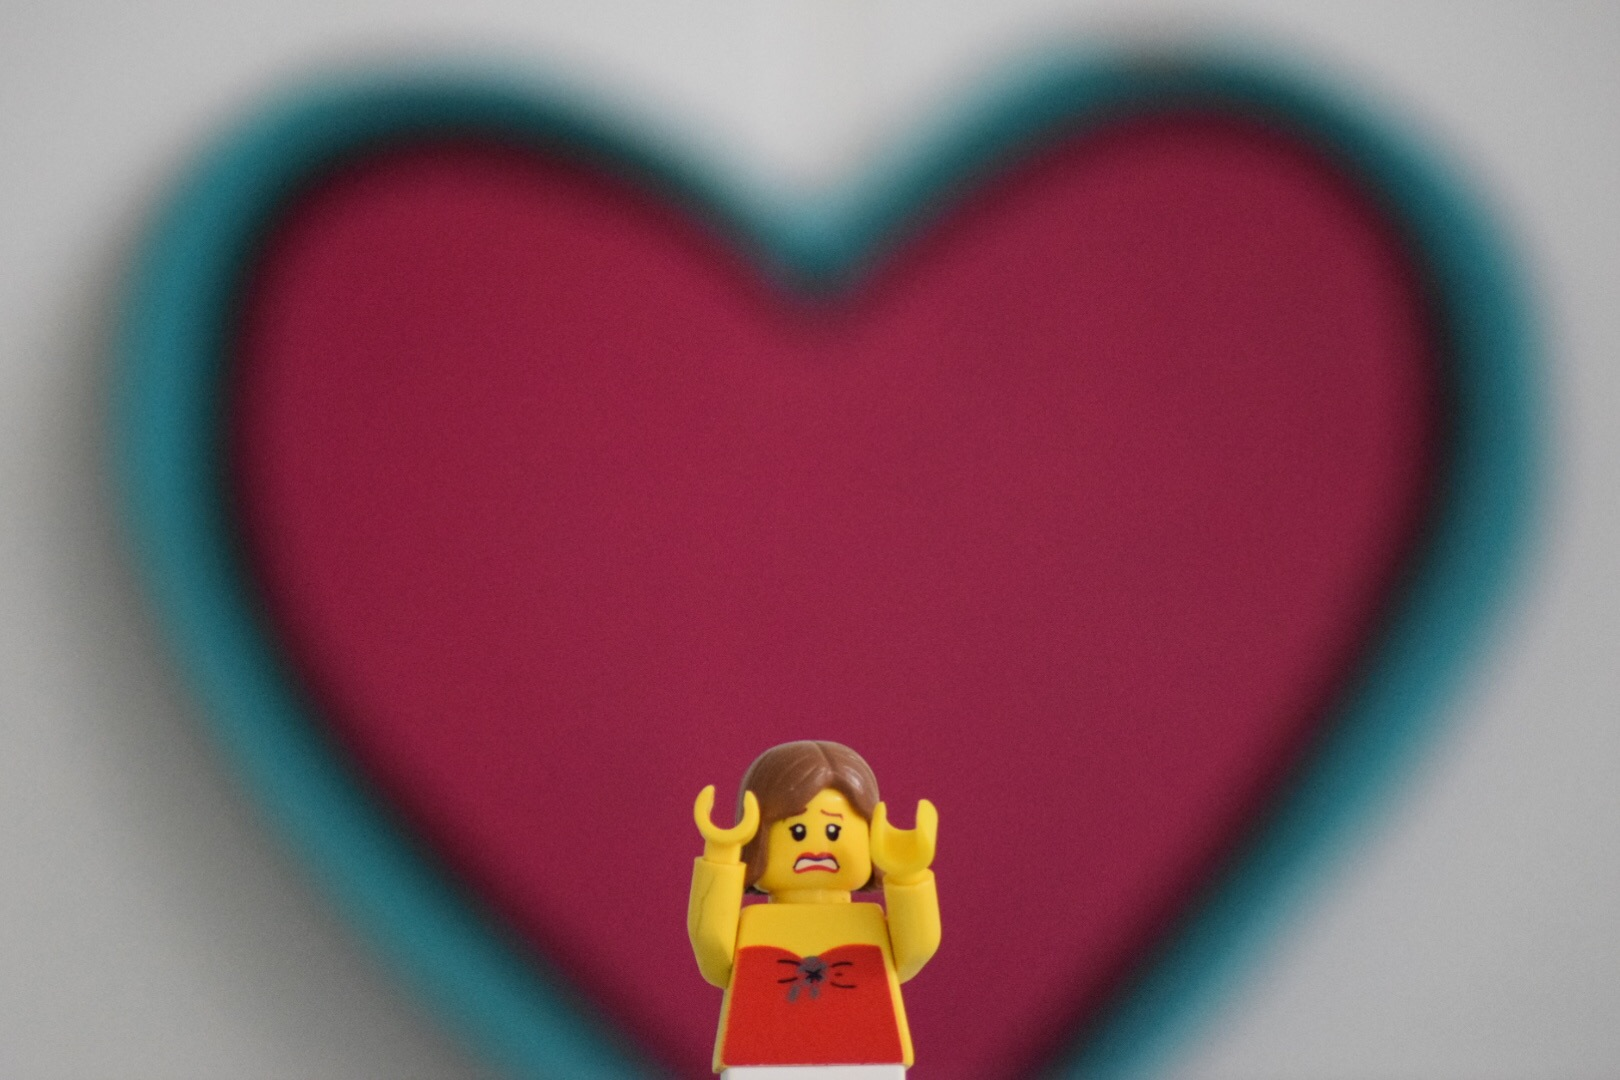 first love, heart break, valentine's day, psychology, parenting, friends, help, break ups